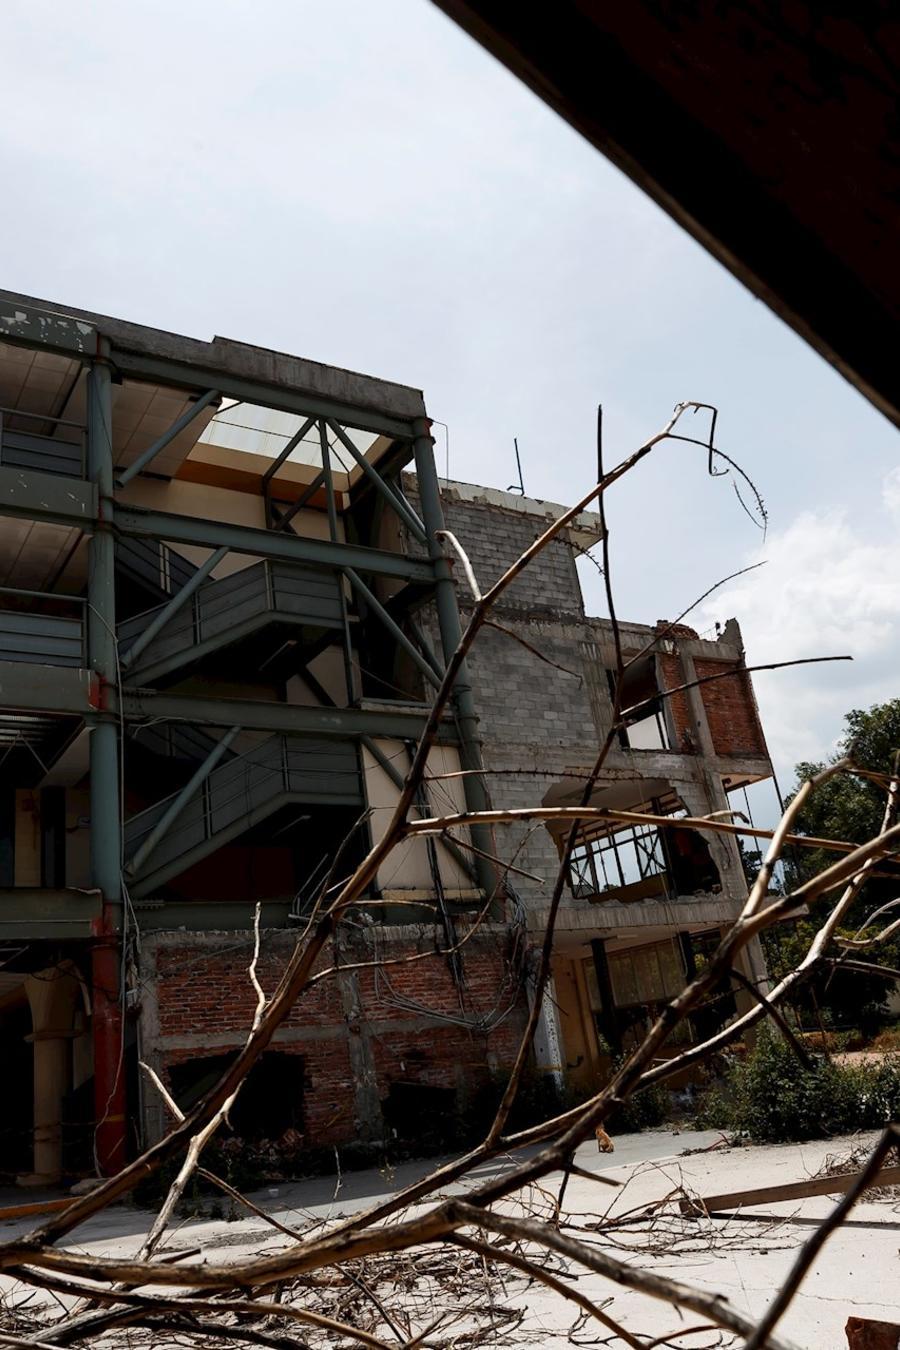 Vista general del Colegio Enrique Rébsamen el 14 de septiembre de 2020 en la Ciudad de México, donde 19 niños y siete adultos perdieron la vida al derrumbarse durante el terremoto ocurrido el 19 de septiembre de 2017 en Ciudad de México (México).